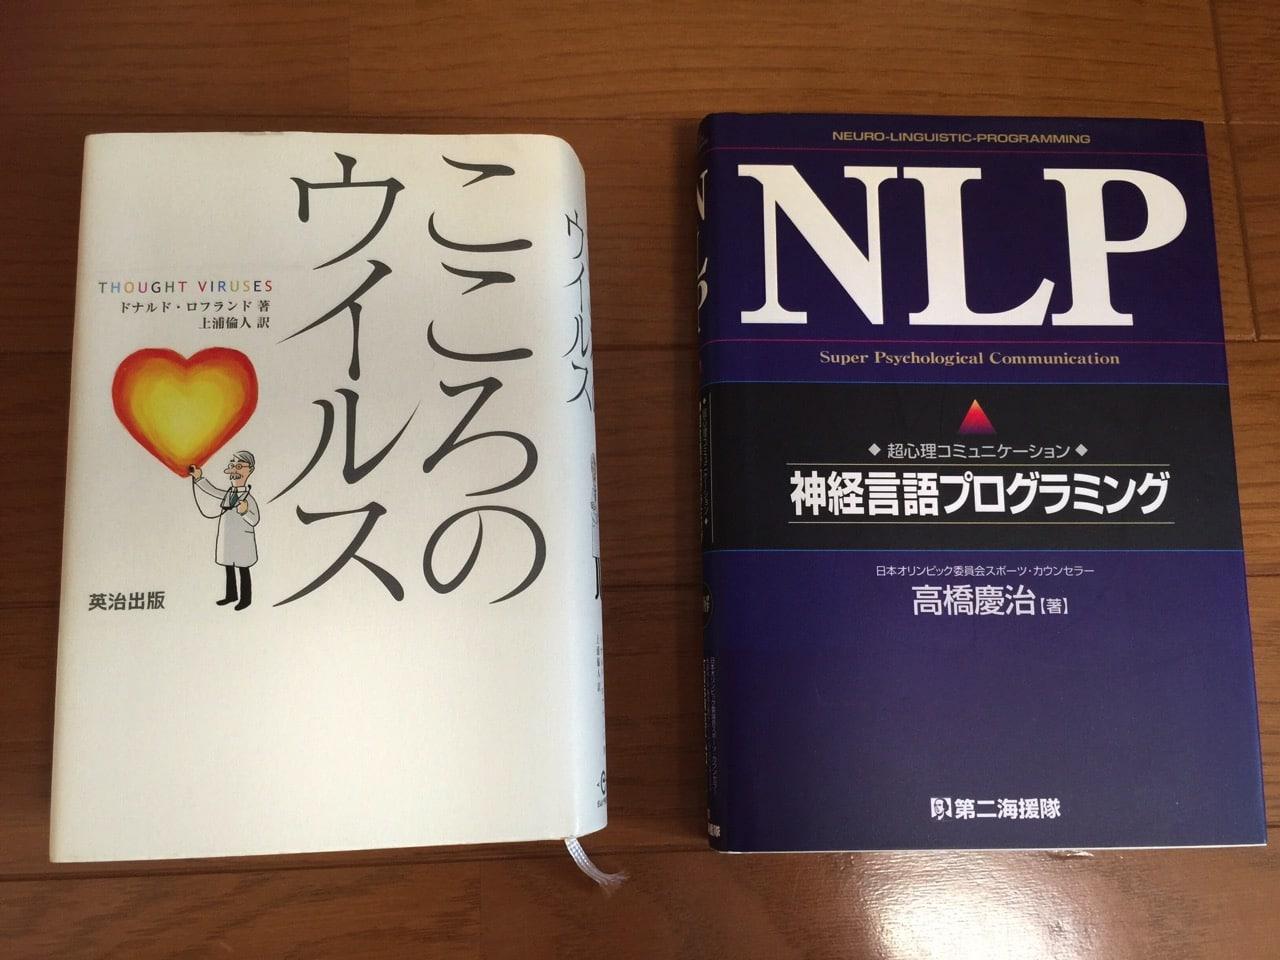 2冊の本。こころのウィルス。超心理コミュニケーション神経言語プログラミング